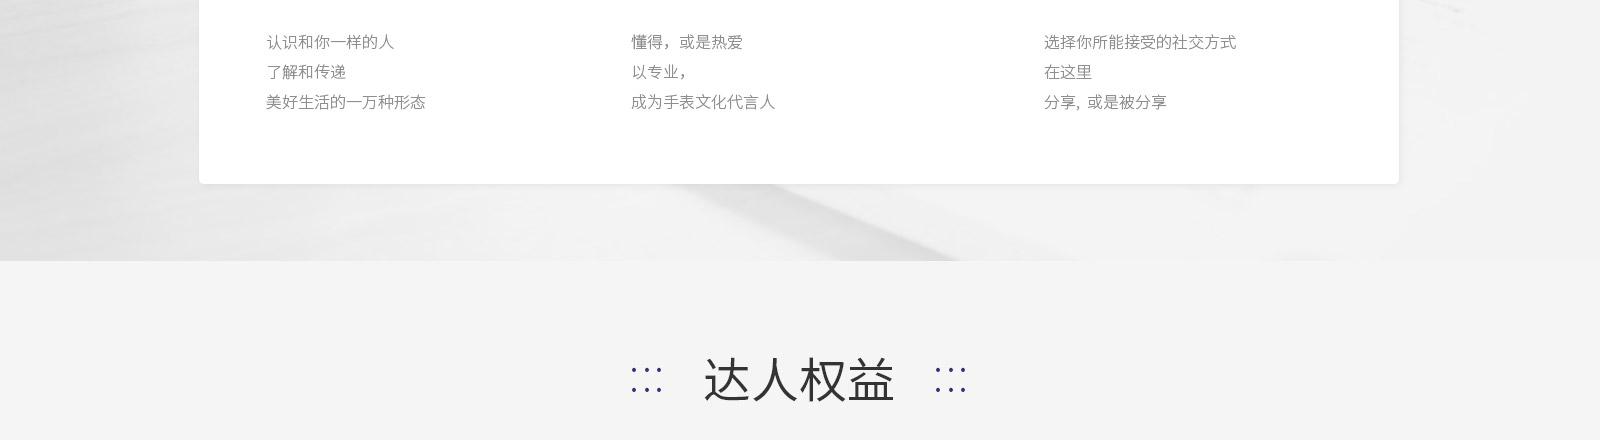 fun88官网